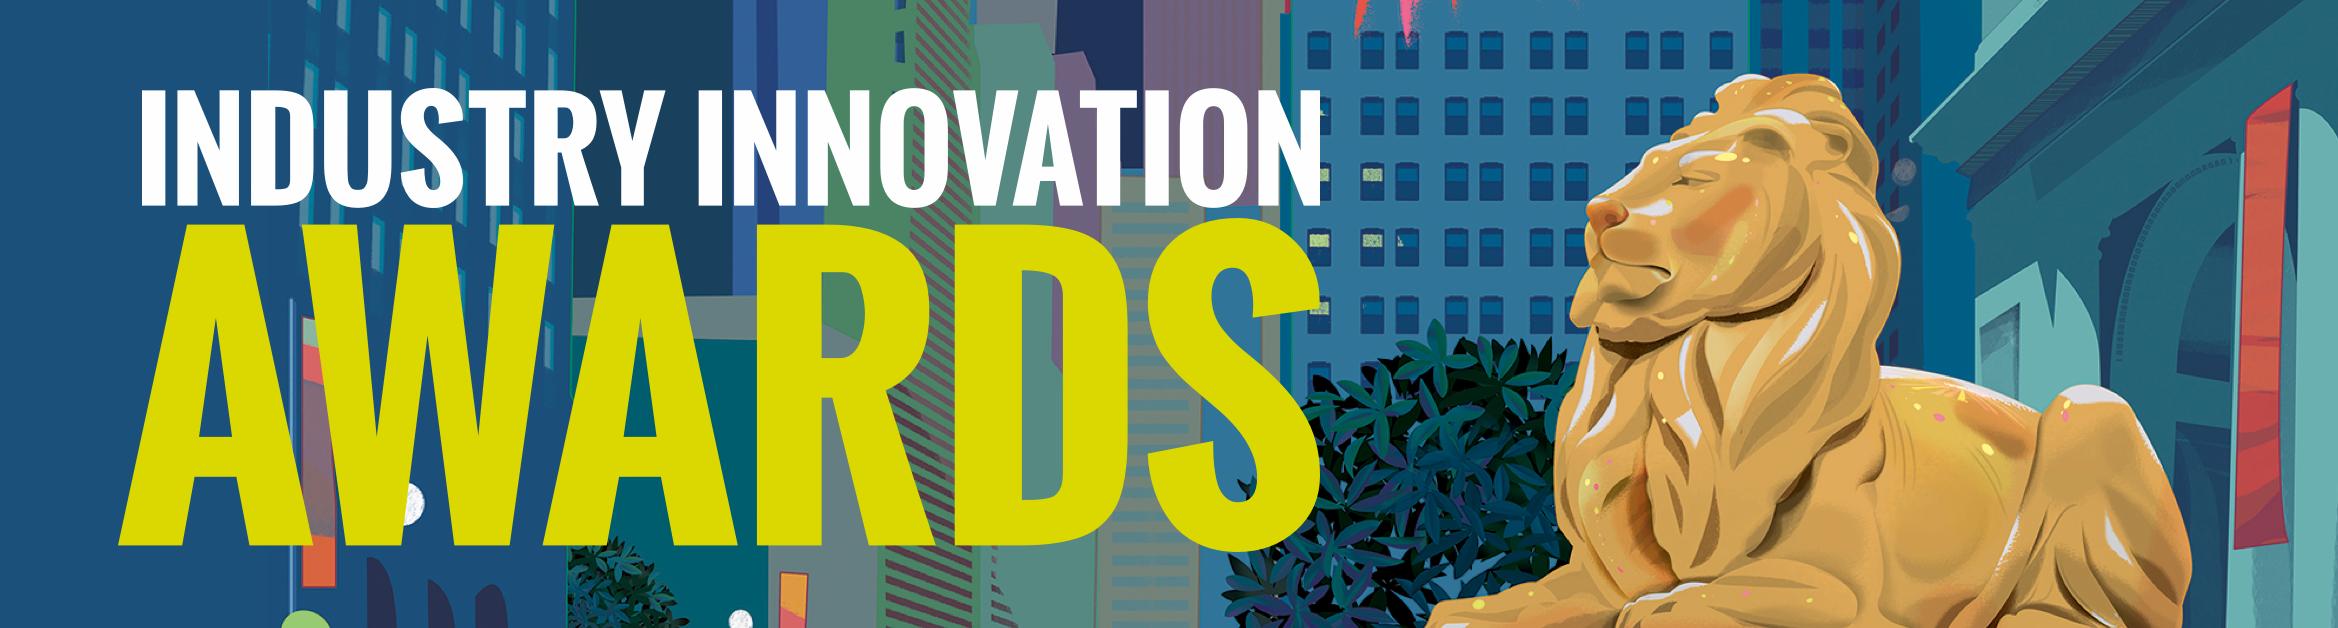 2019 Industry Innovation Awards